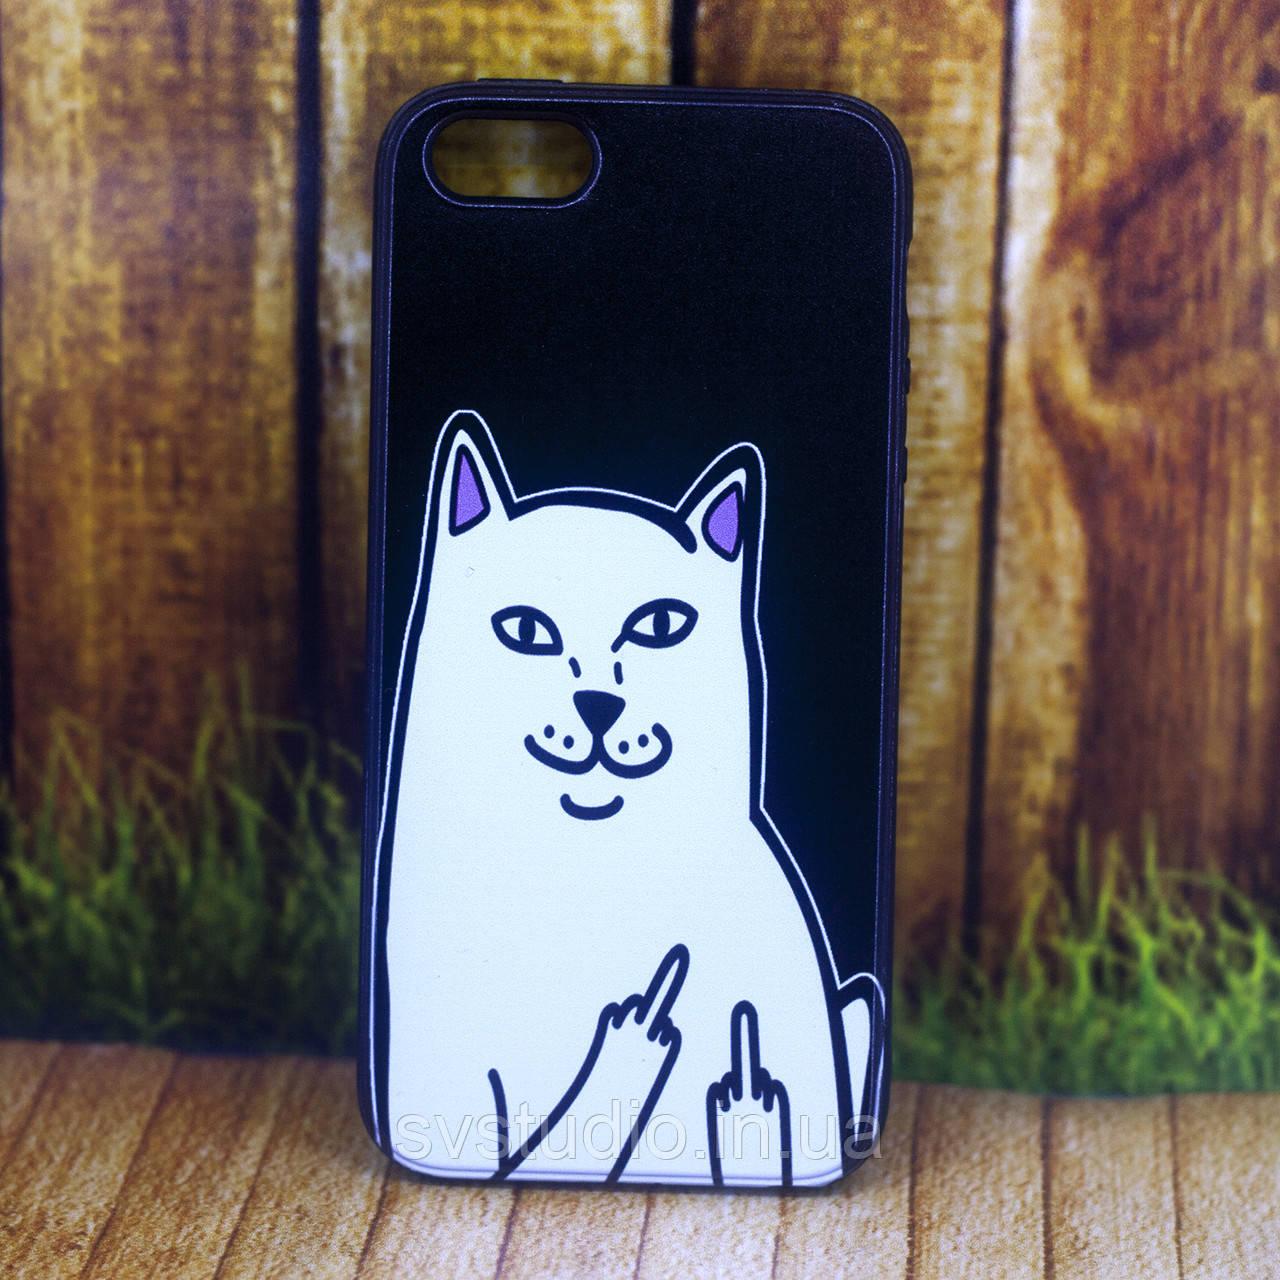 """Чехол бампер для Iphone 5 с рисунком,силиконовый - Интернет-Магазин """"With Style"""" в Мелитополе"""